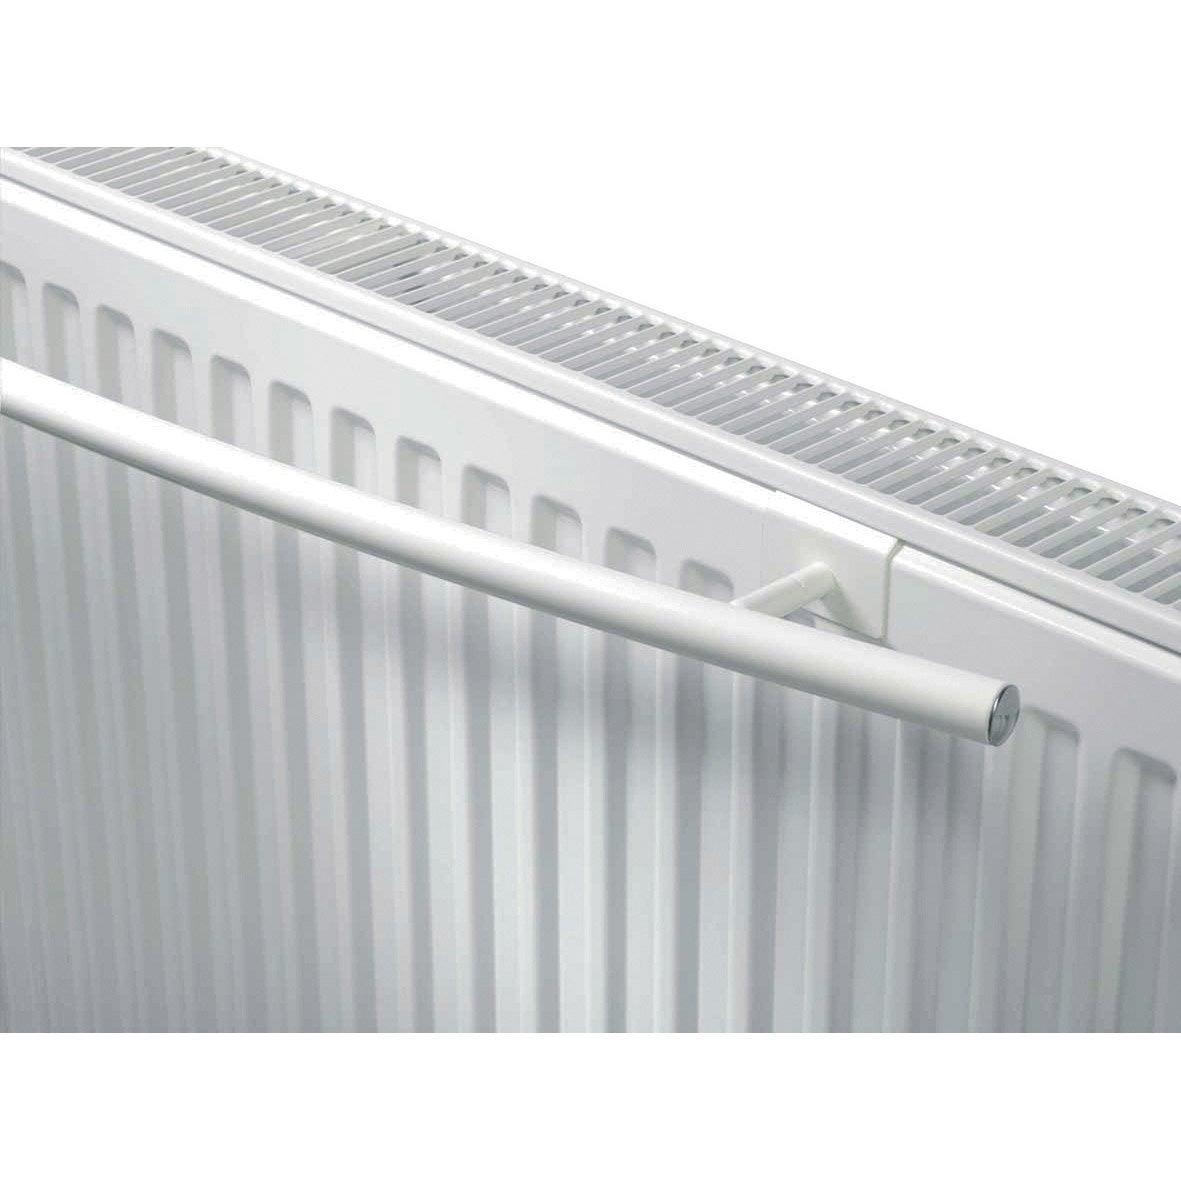 Barre Porte-serviettes Et Fixations Superia Blanc